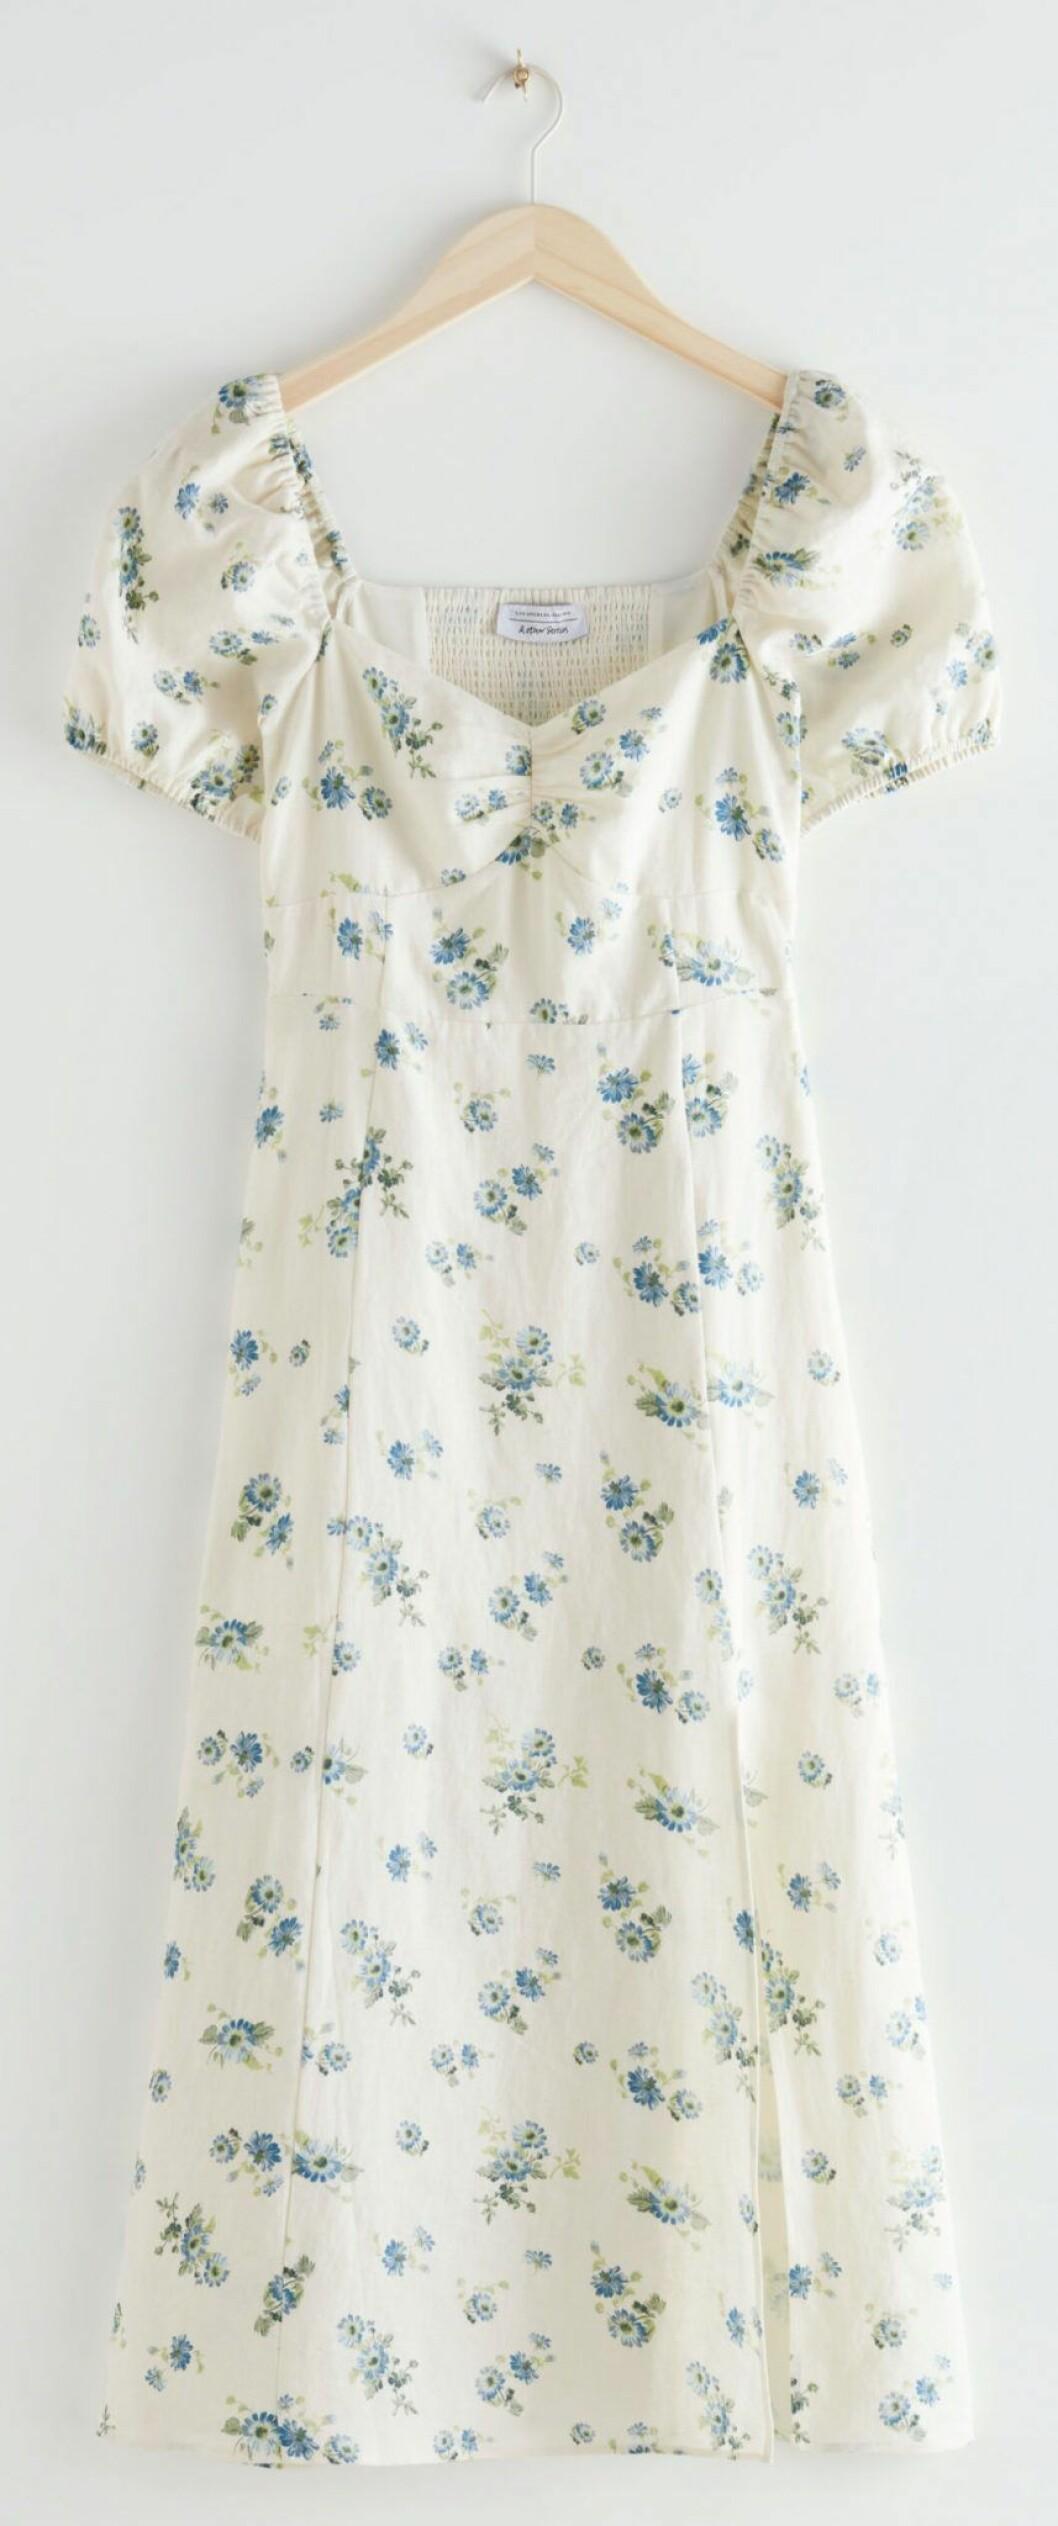 Vit linneklänning med blått blommönster och fina puffärmar från & other stories.